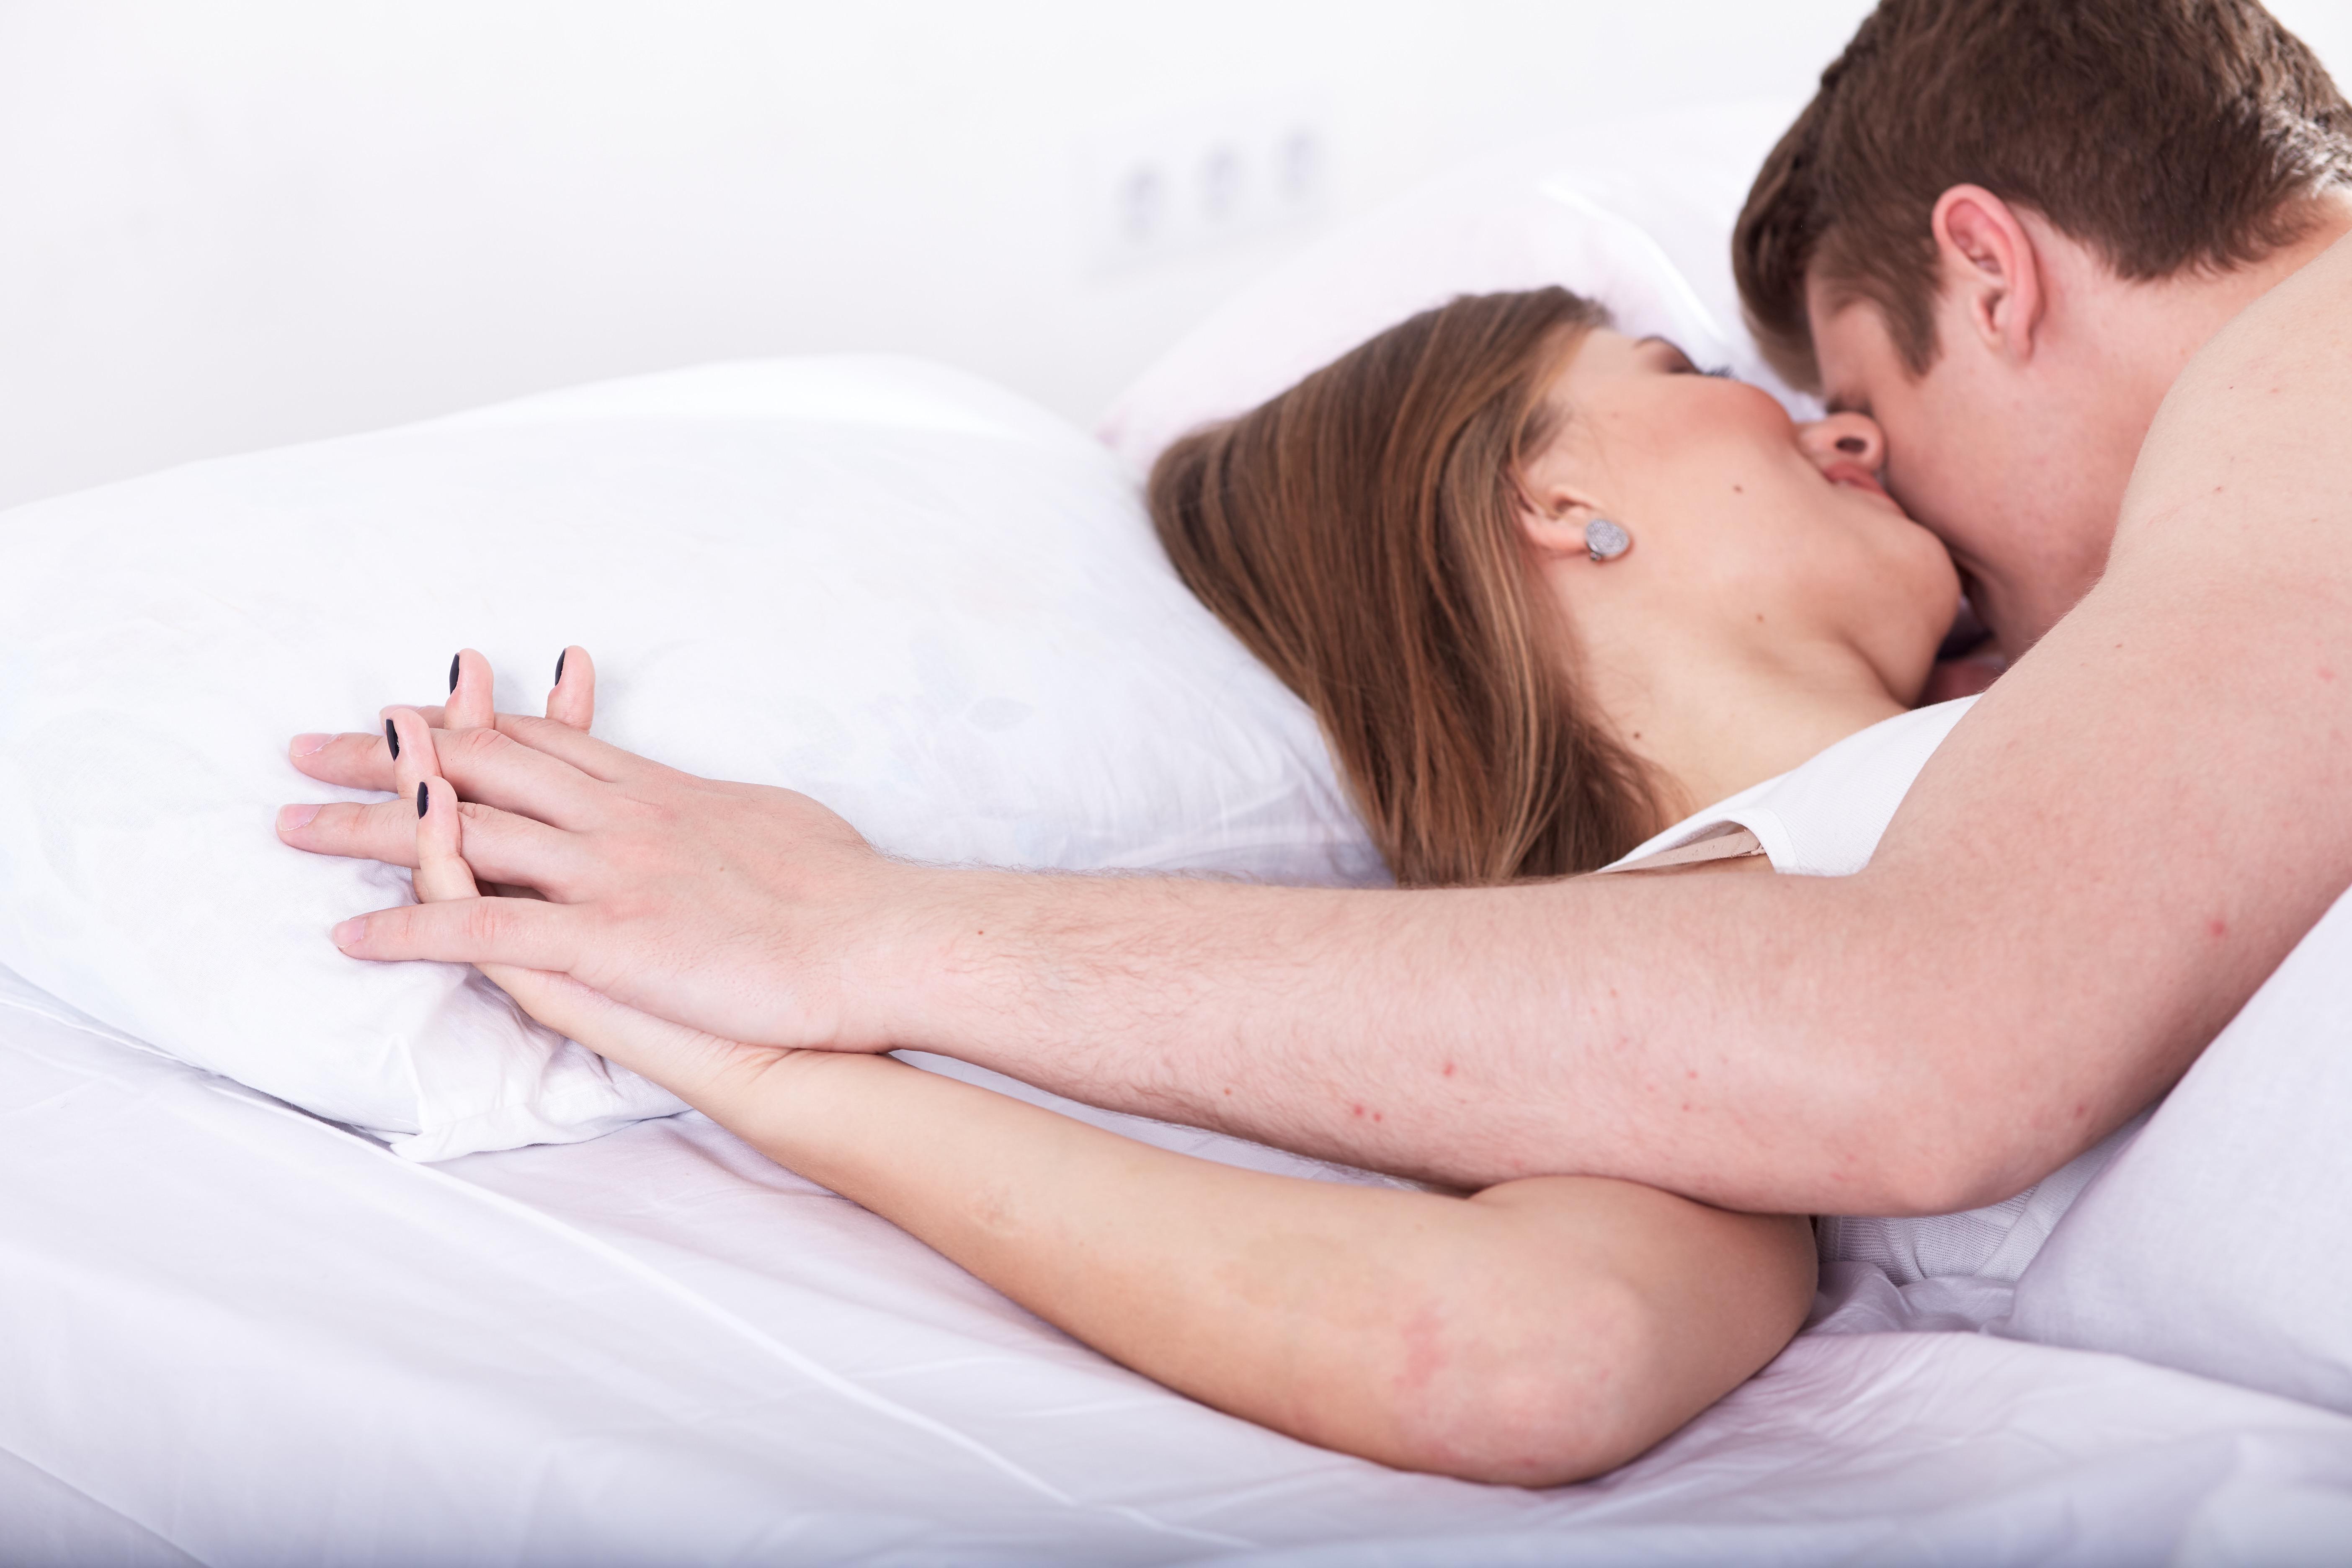 「セックスは付き合ってからするもの」は時代遅れ? 元彼と3年間セックスレスだったTさんが、オーストリア人の彼から教えてもらったこと【モア・リポート3】_1